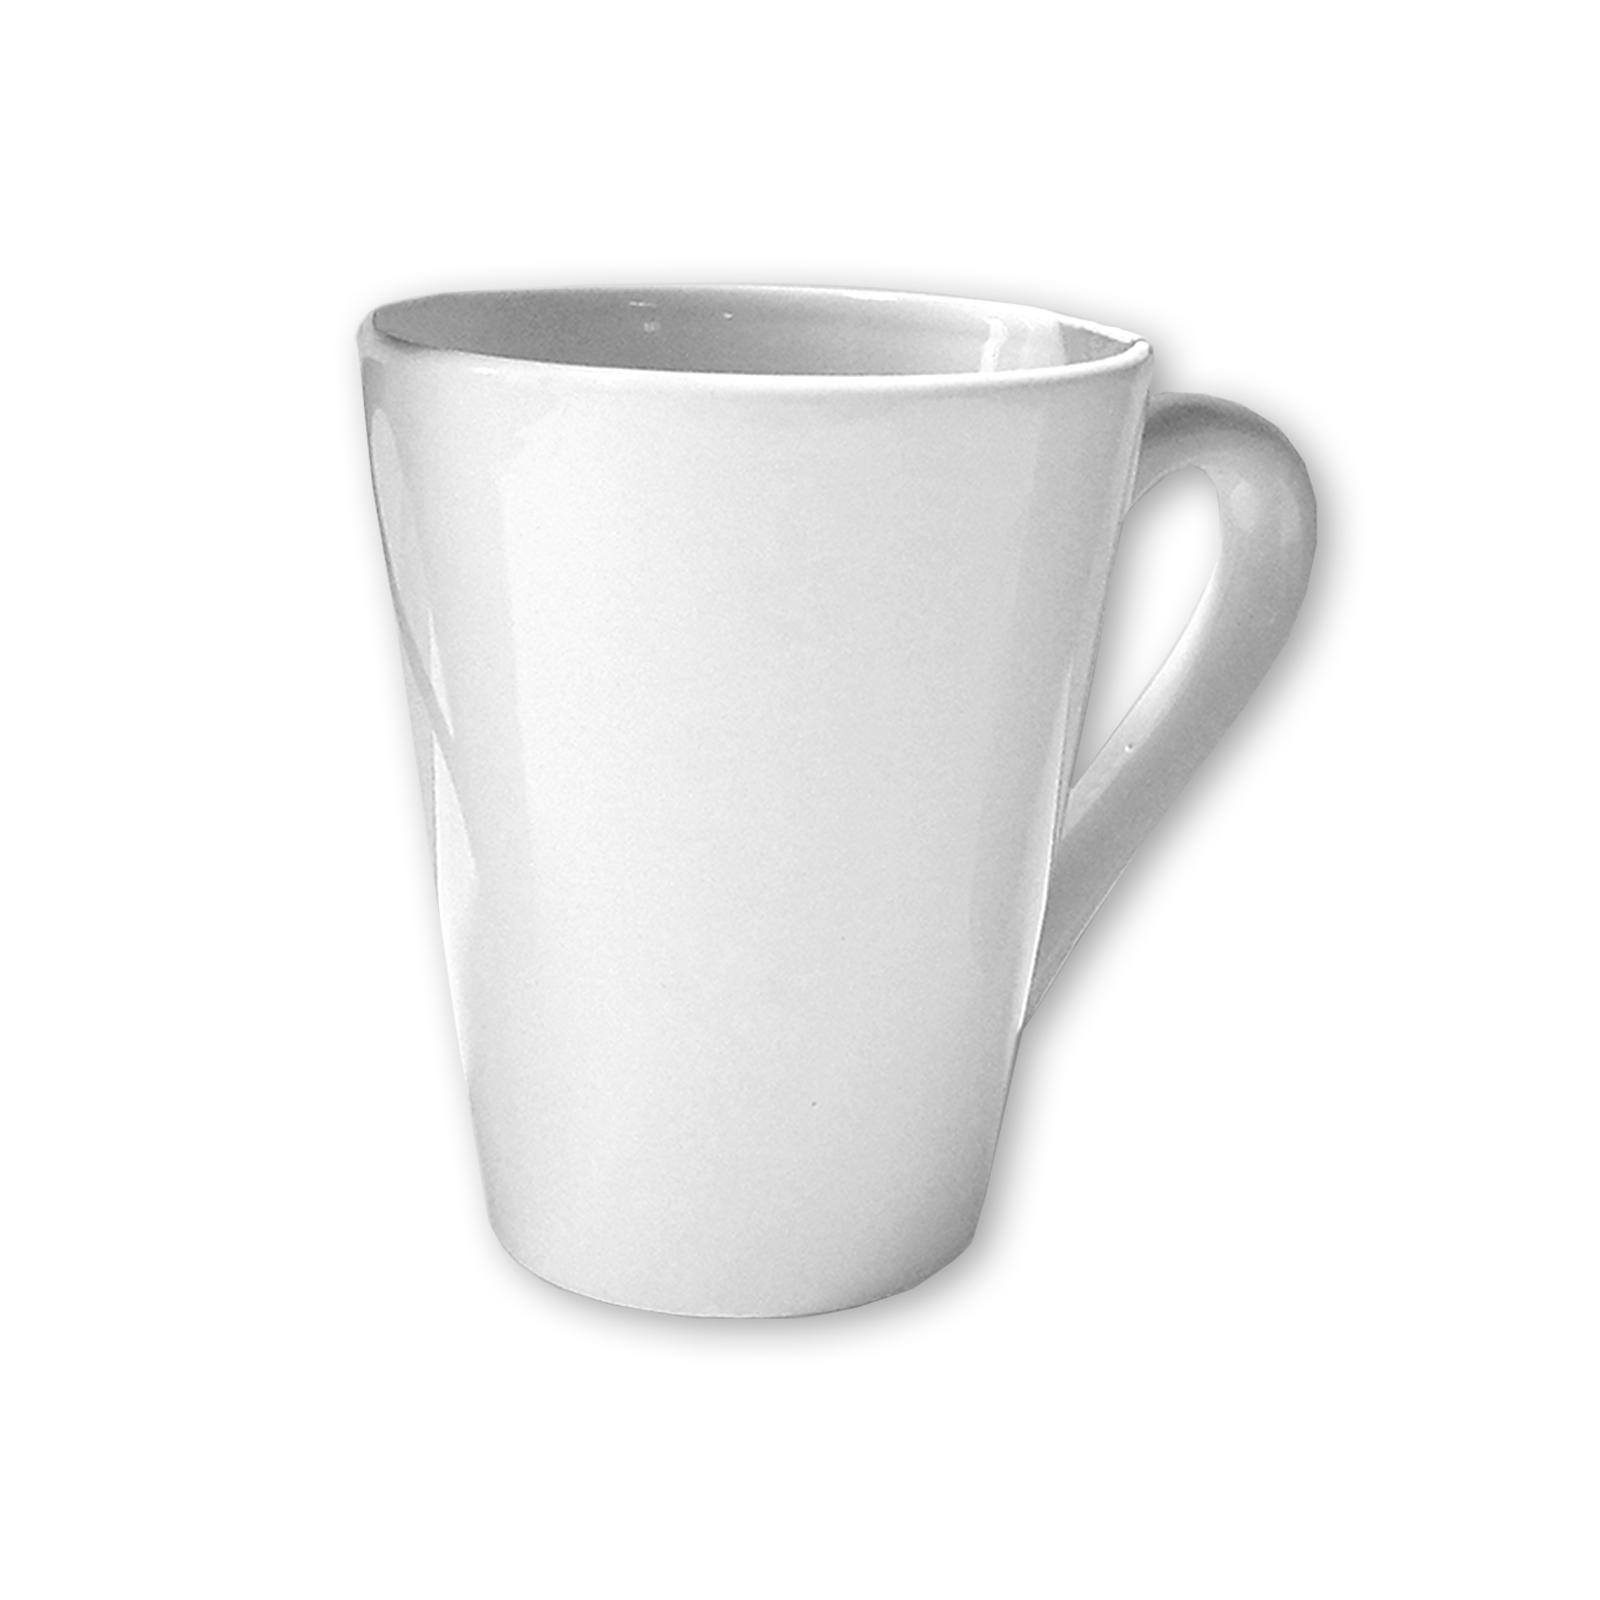 Keramik Tasse online kaufen | OTTO